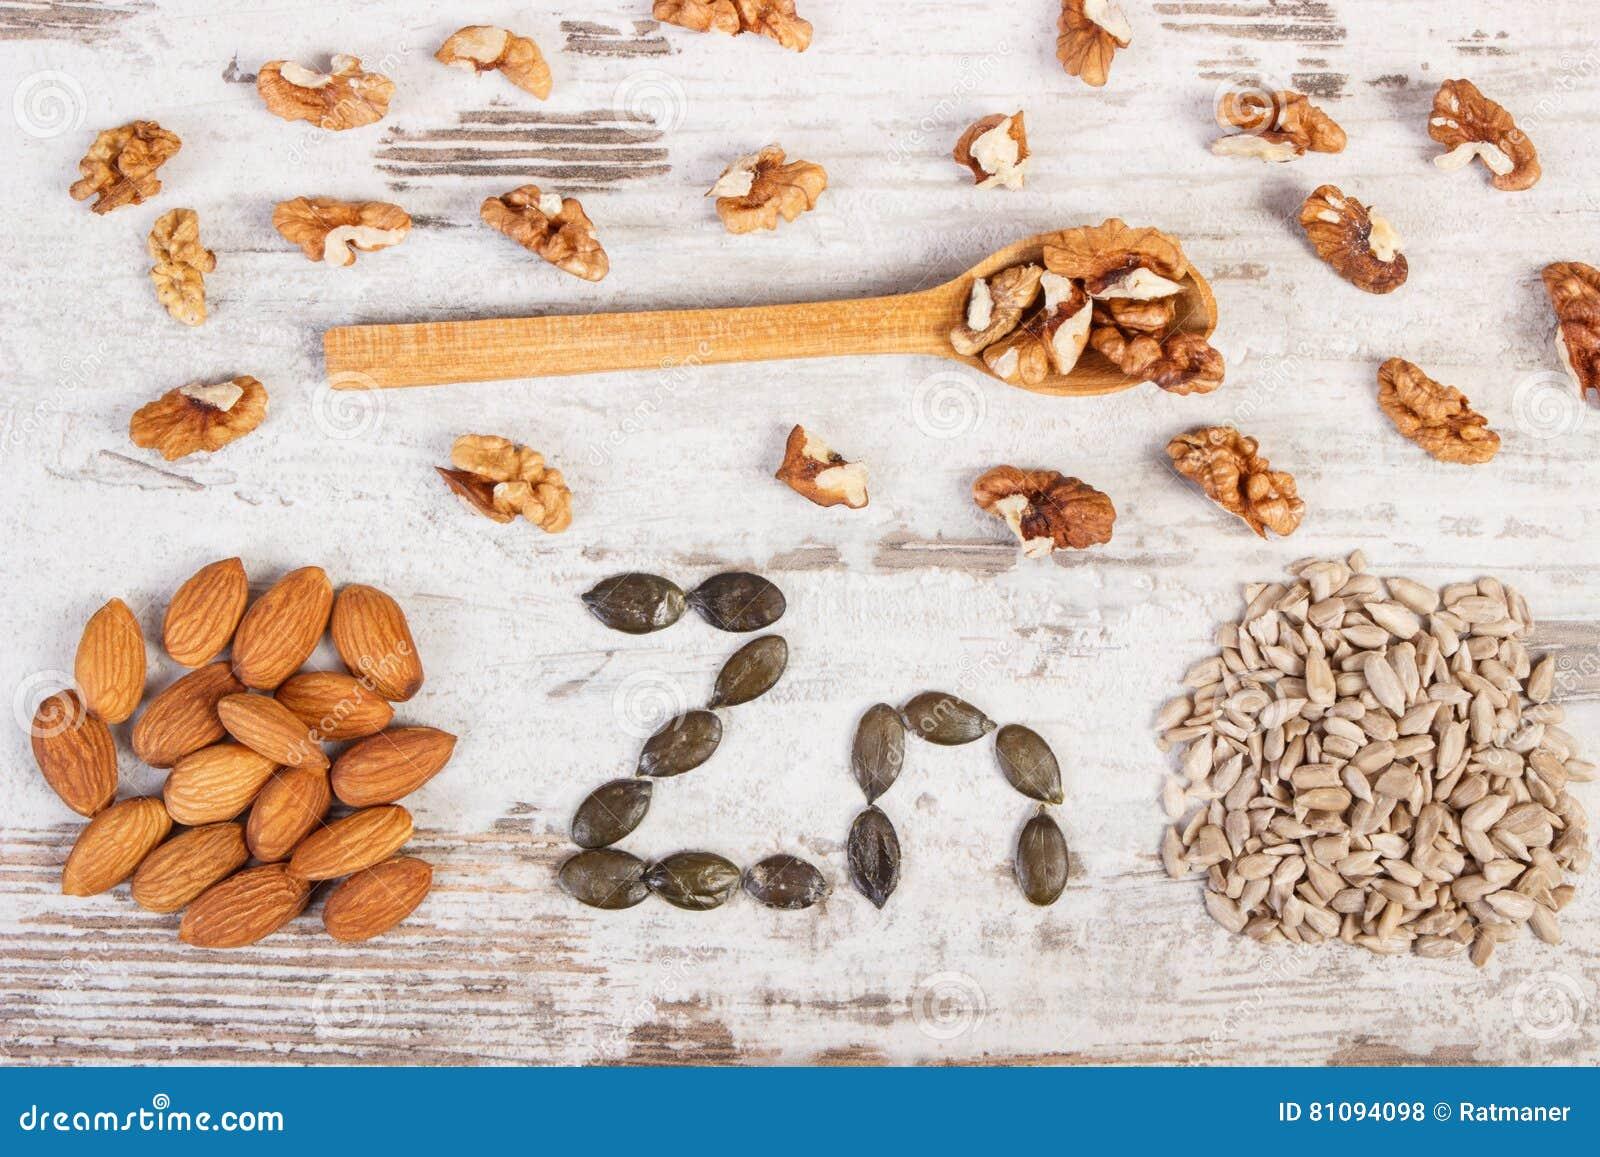 Produtos e ingredientes que contêm o zinco e a fibra dietética, nutrição saudável